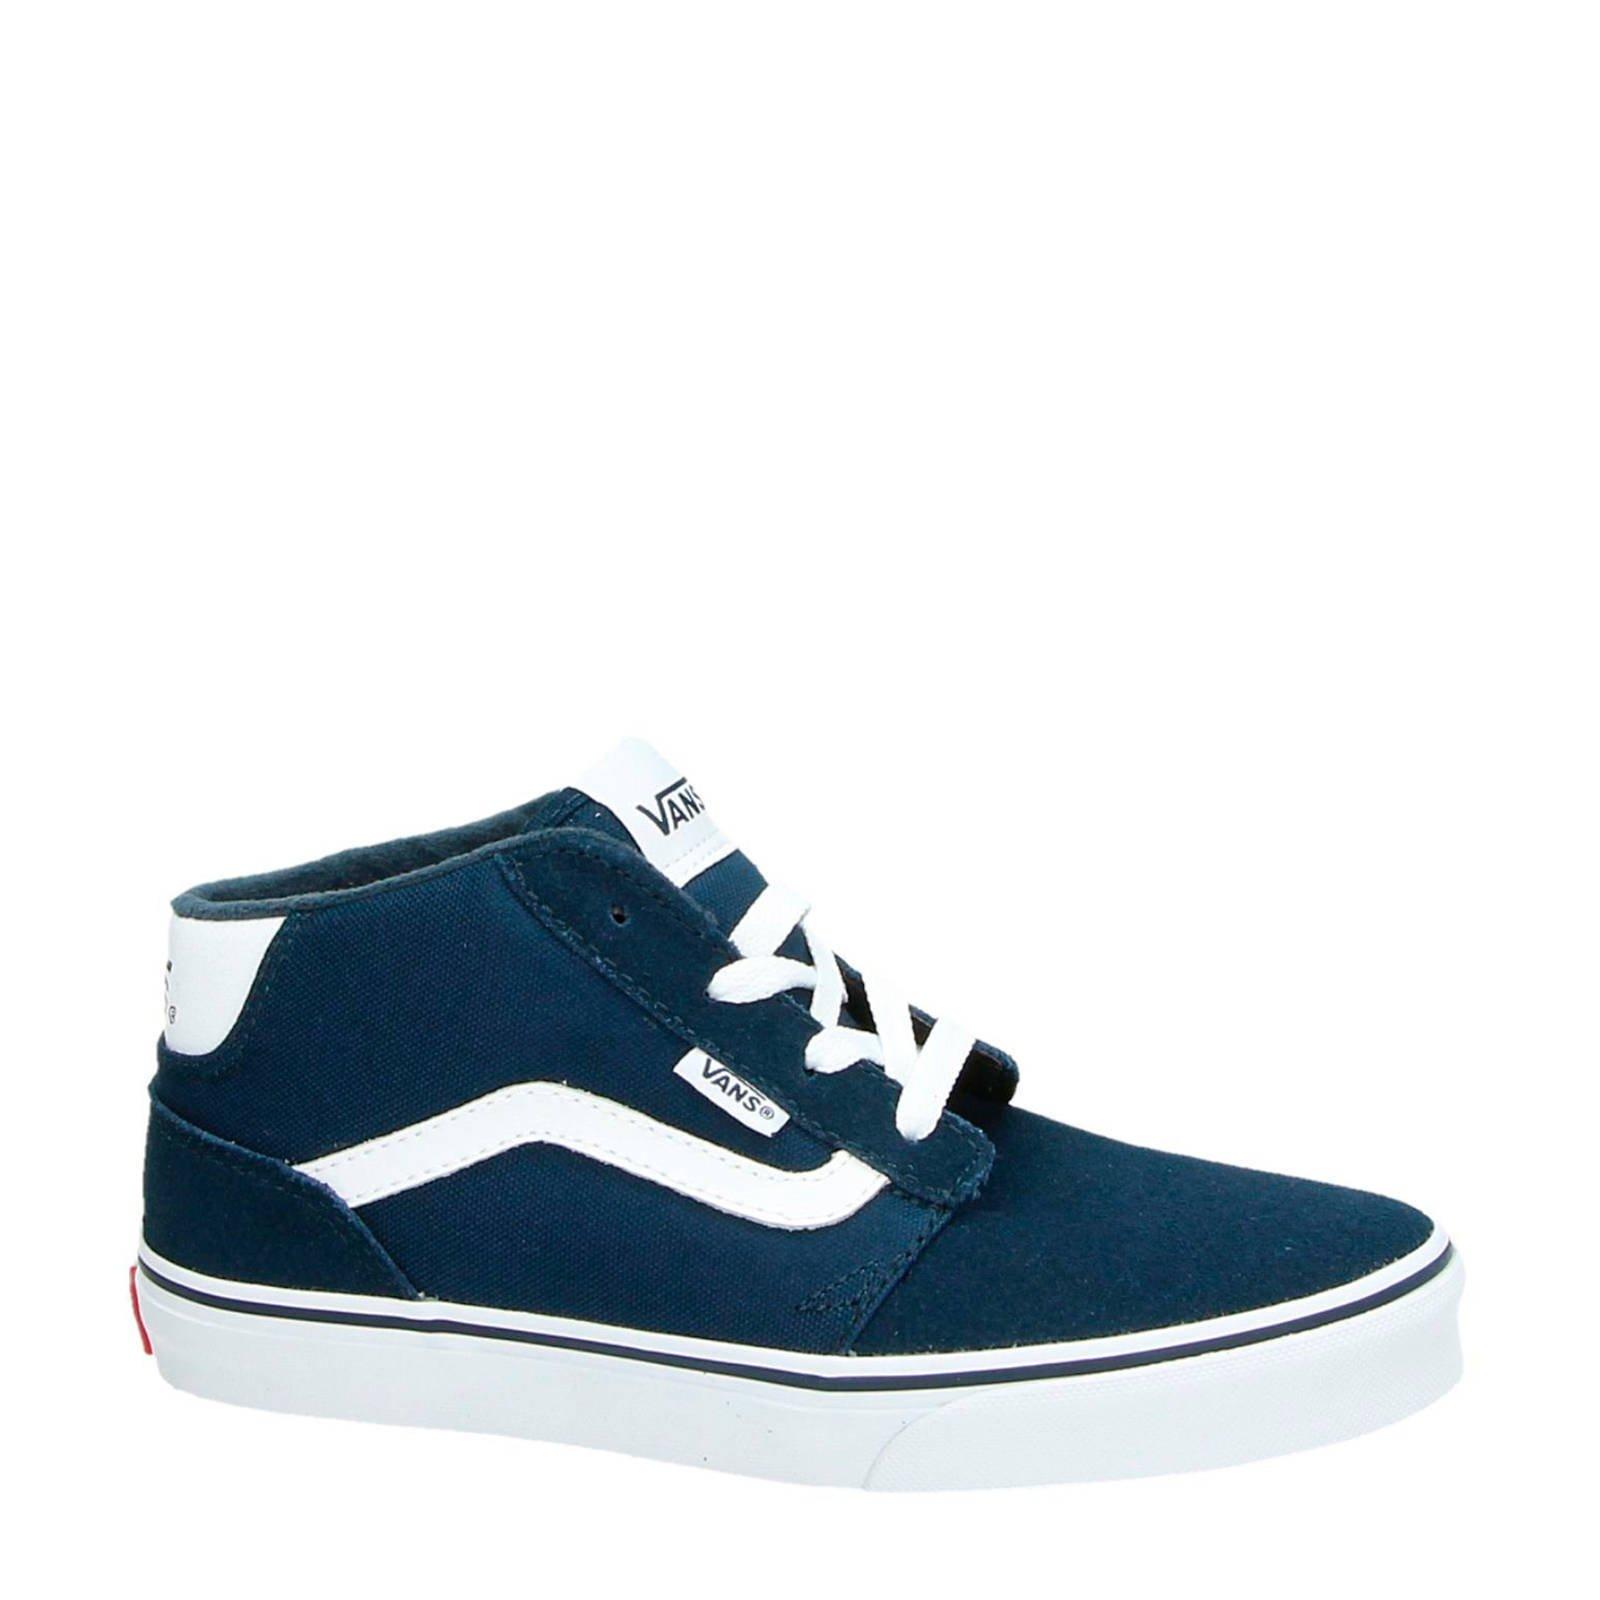 VANS suède sneakers Chapman kids